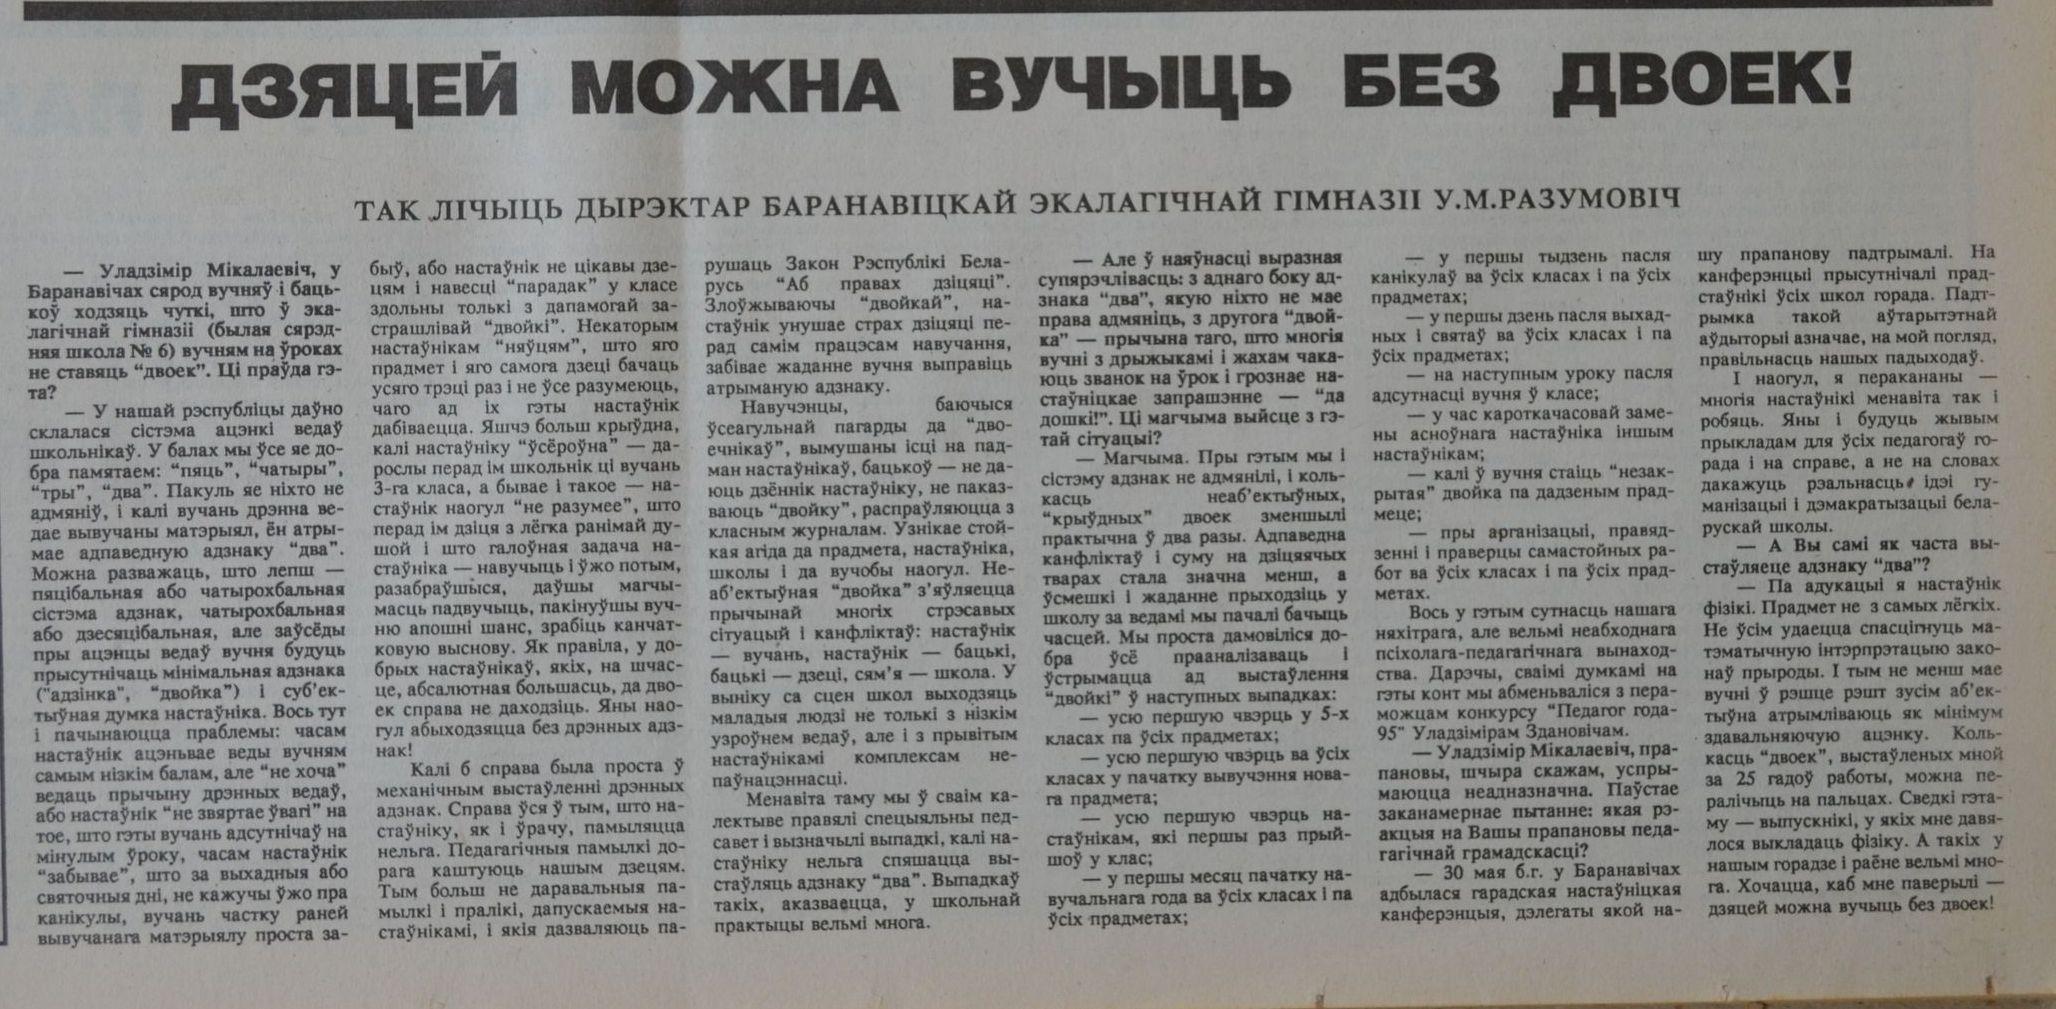 1995-11-04 Дзяцей можна вучыць без двоек